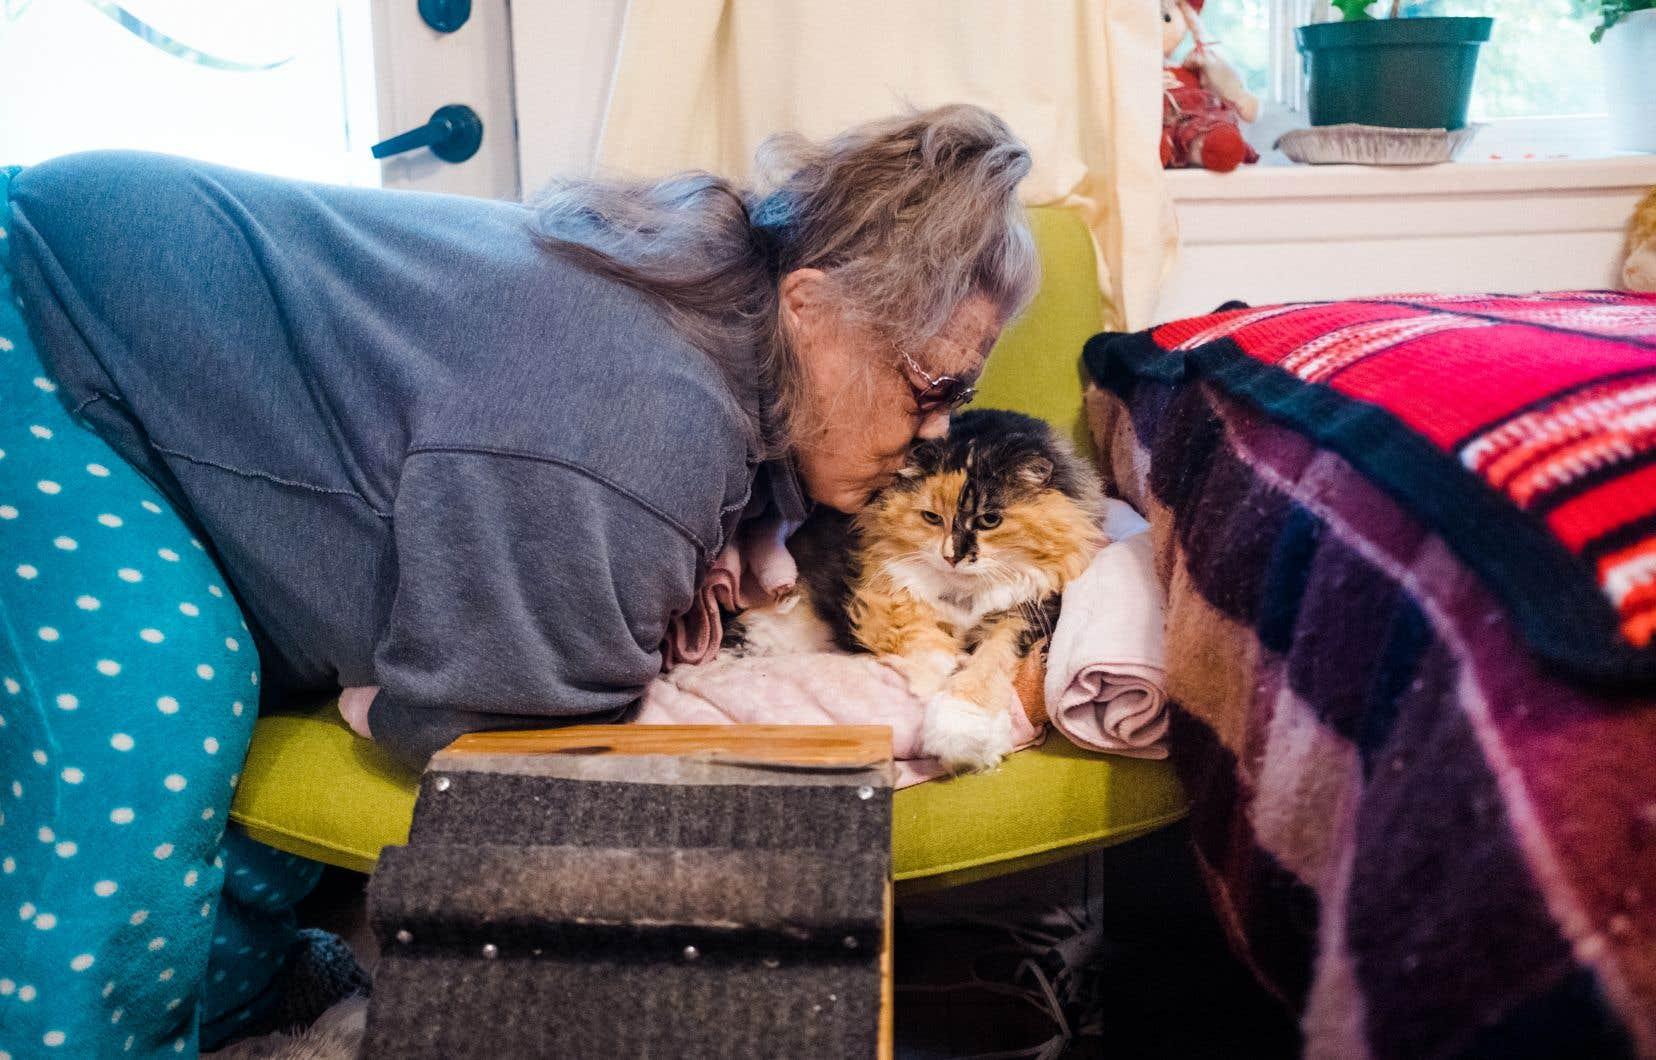 Mayvis Munro, que l'on voit ici avec son chat Sweet Mimi, craint pour la vie de sa sœur, Lucille Munro, qui a été placée dans le coma après avoir contracté la COVID-19.